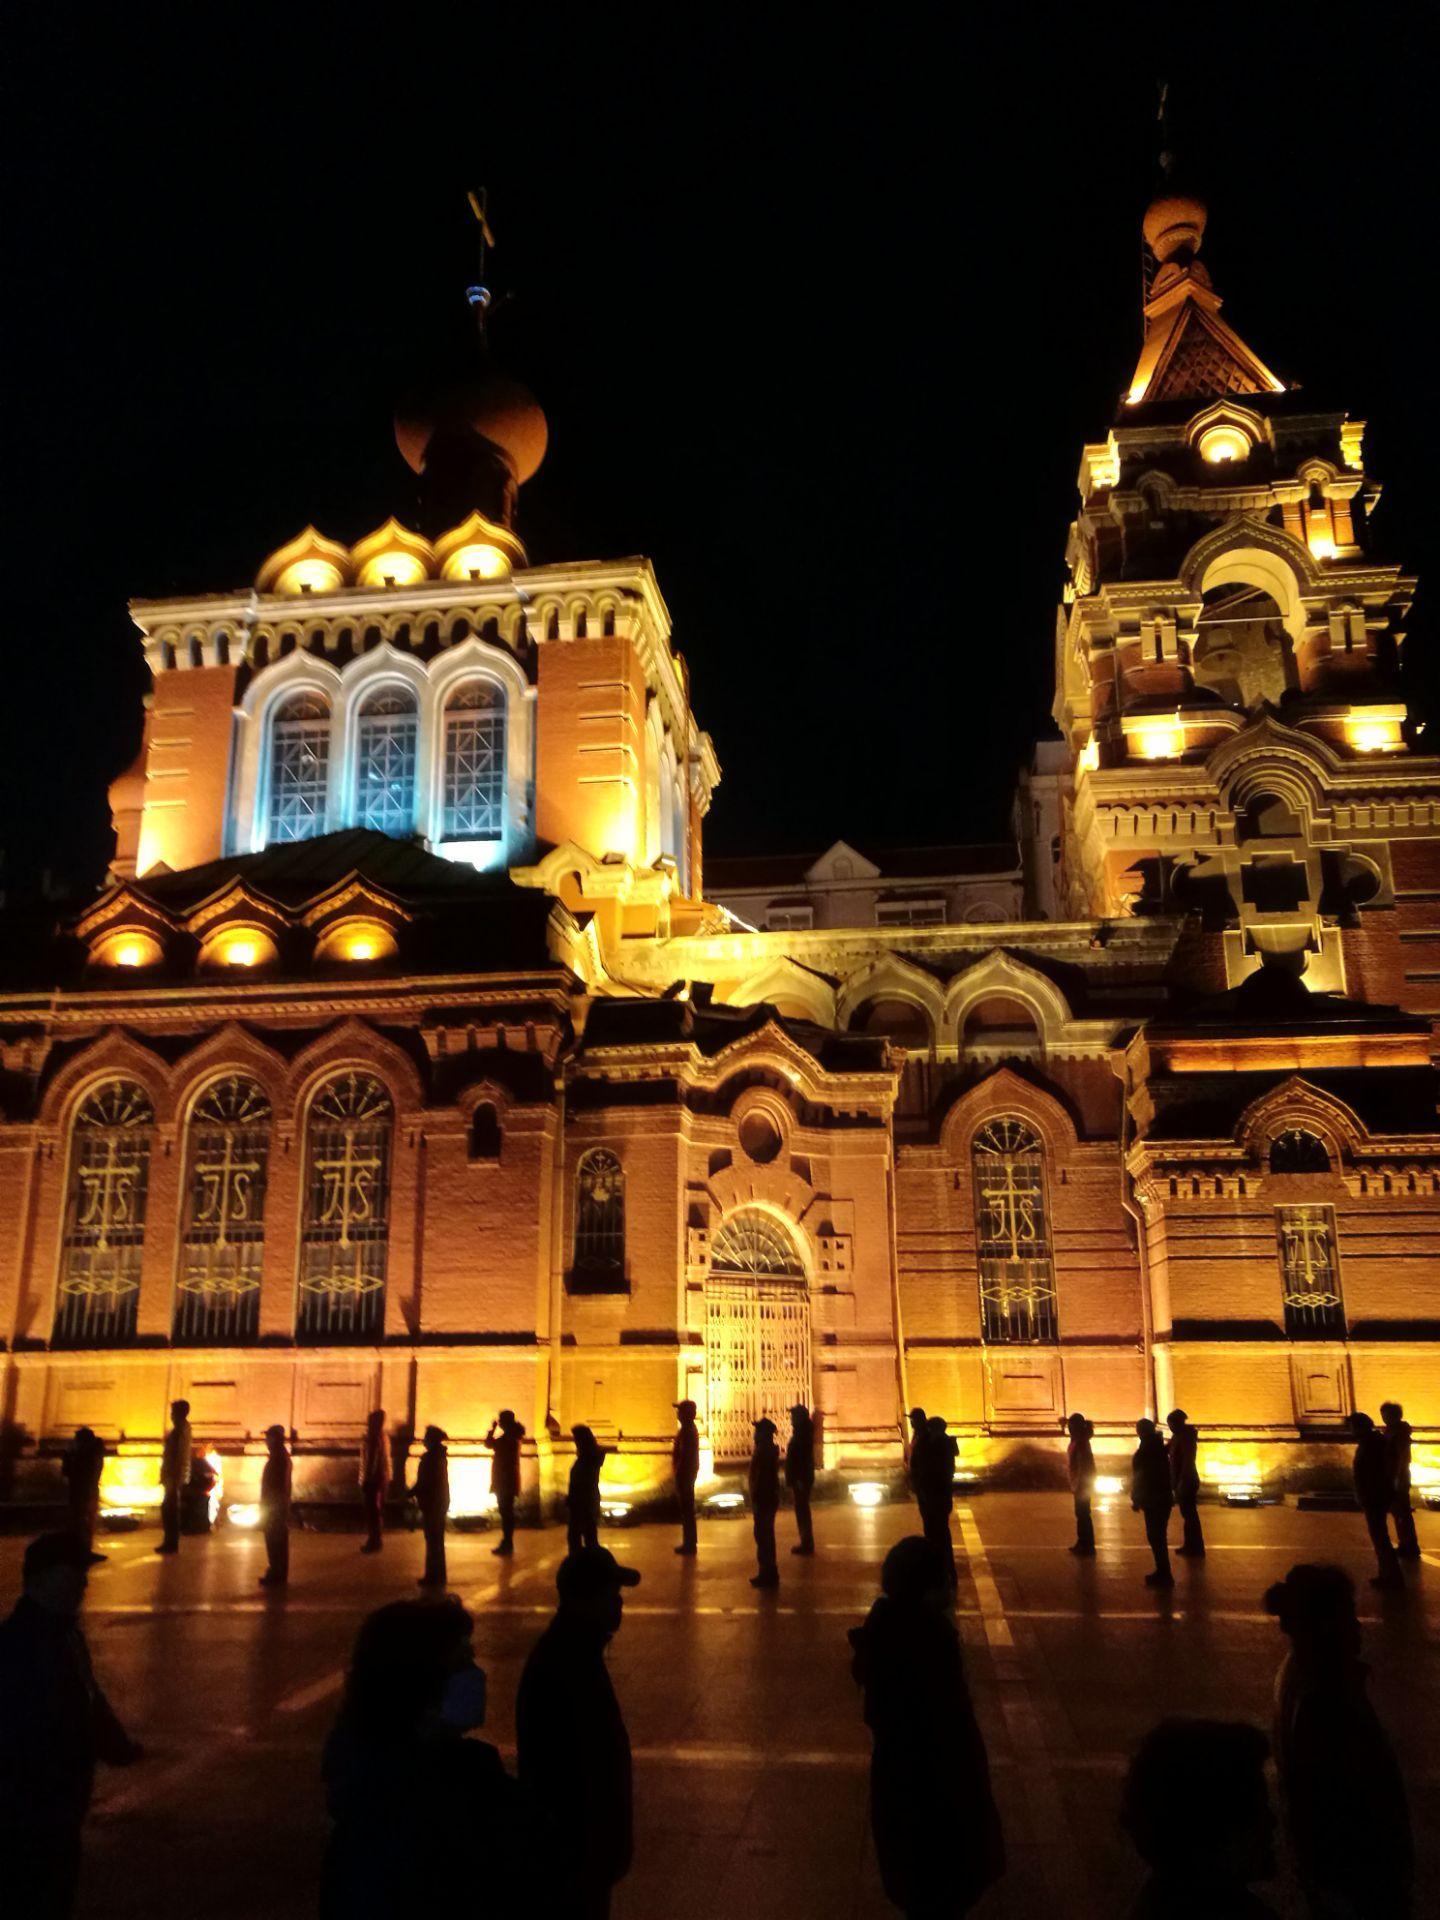 圣索菲亚教堂在哪_哈尔滨圣阿列克谢耶夫教堂攻略,哈尔滨圣阿列克谢耶夫教堂门票 ...